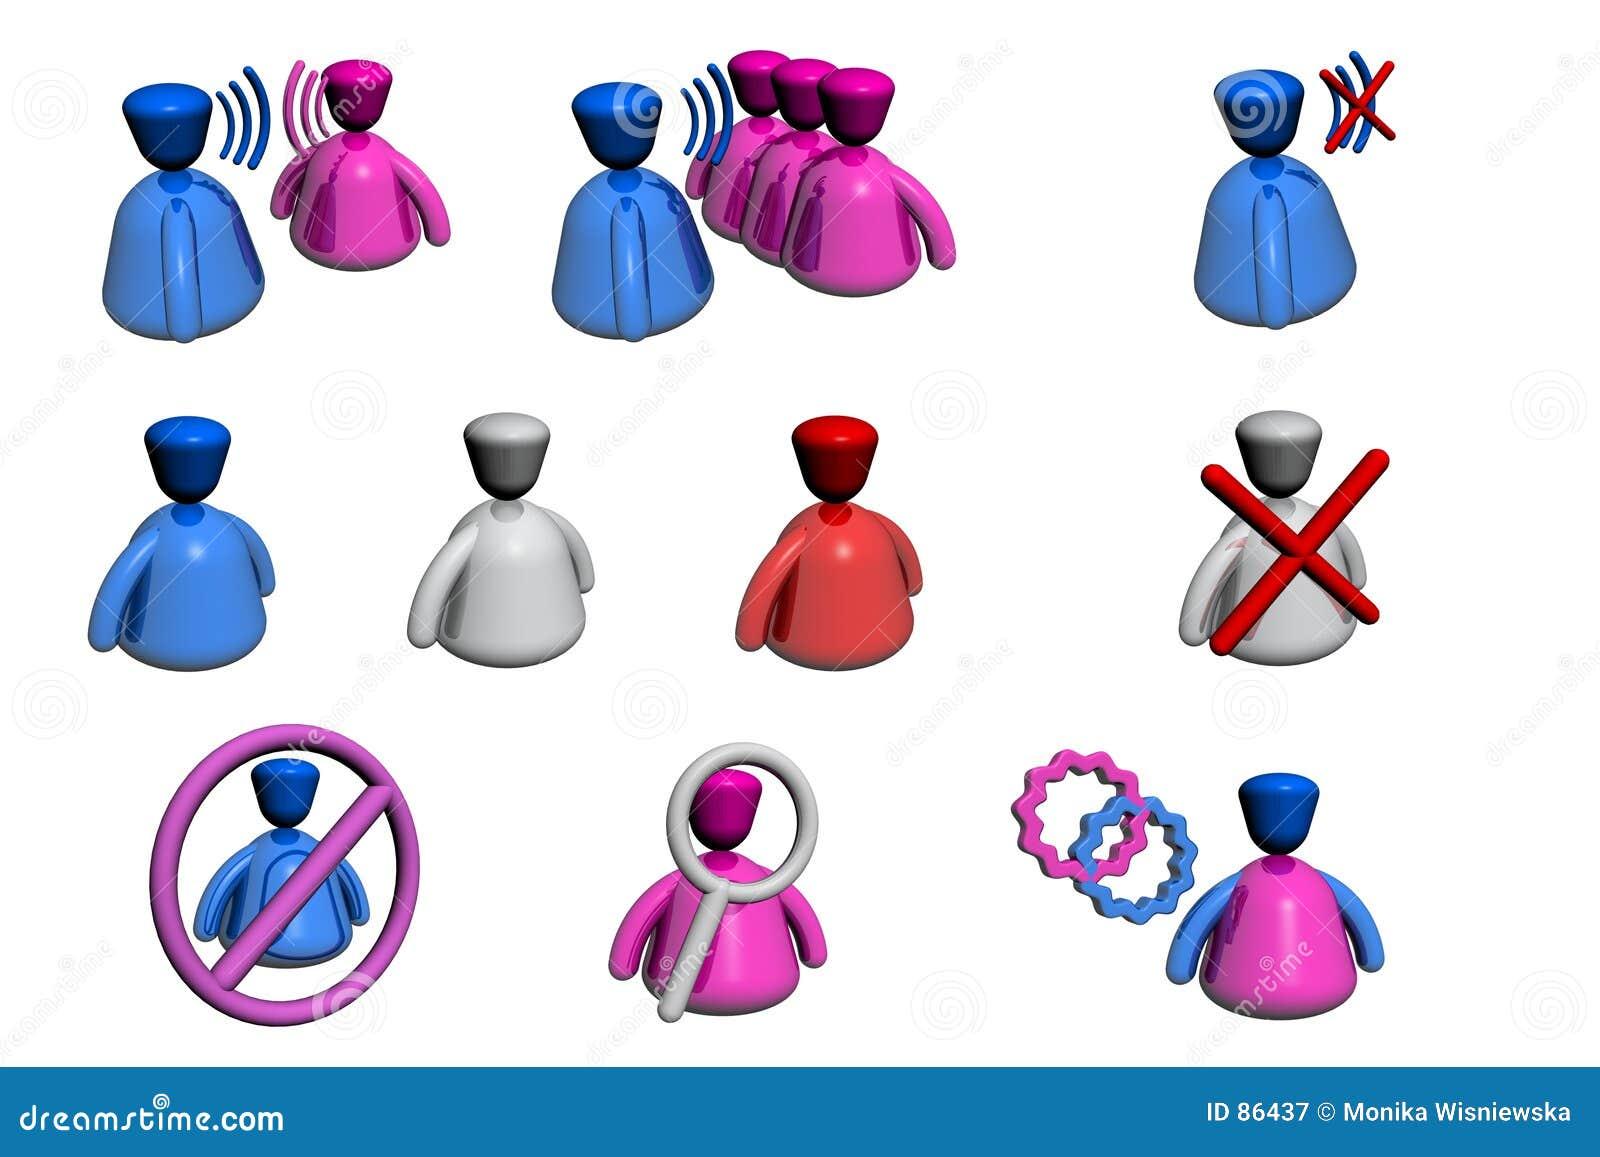 Icone della gente - chiacchierata/tribuna - vista di prospettiva